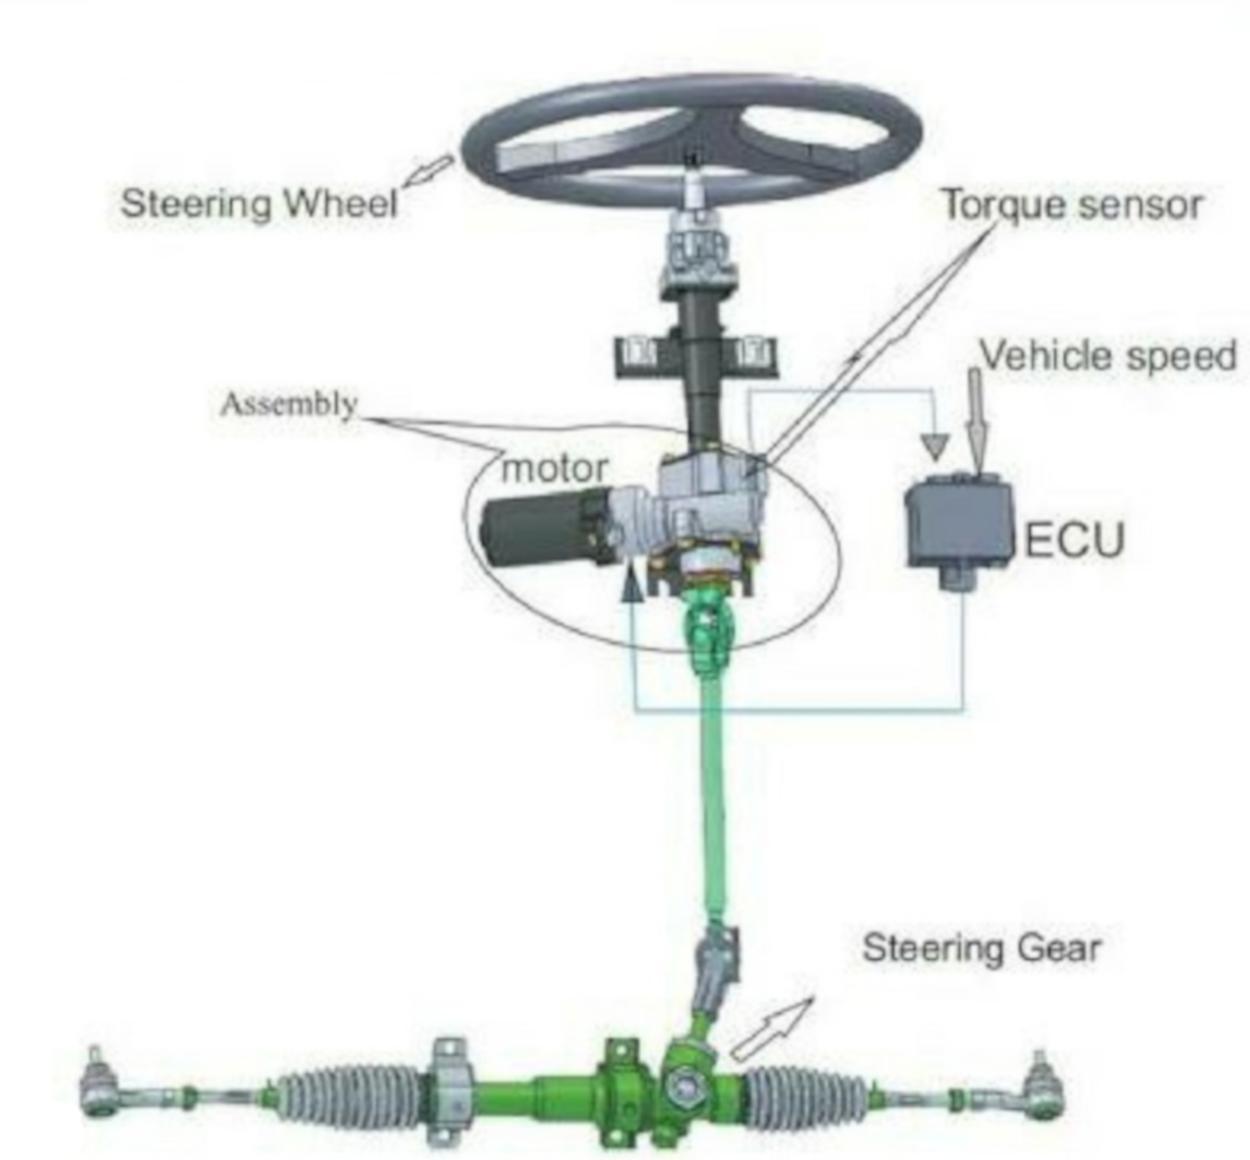 Bij elektrische uitvoeringen situeren problemen zich eerder bij contacten, bekabeling of de accu